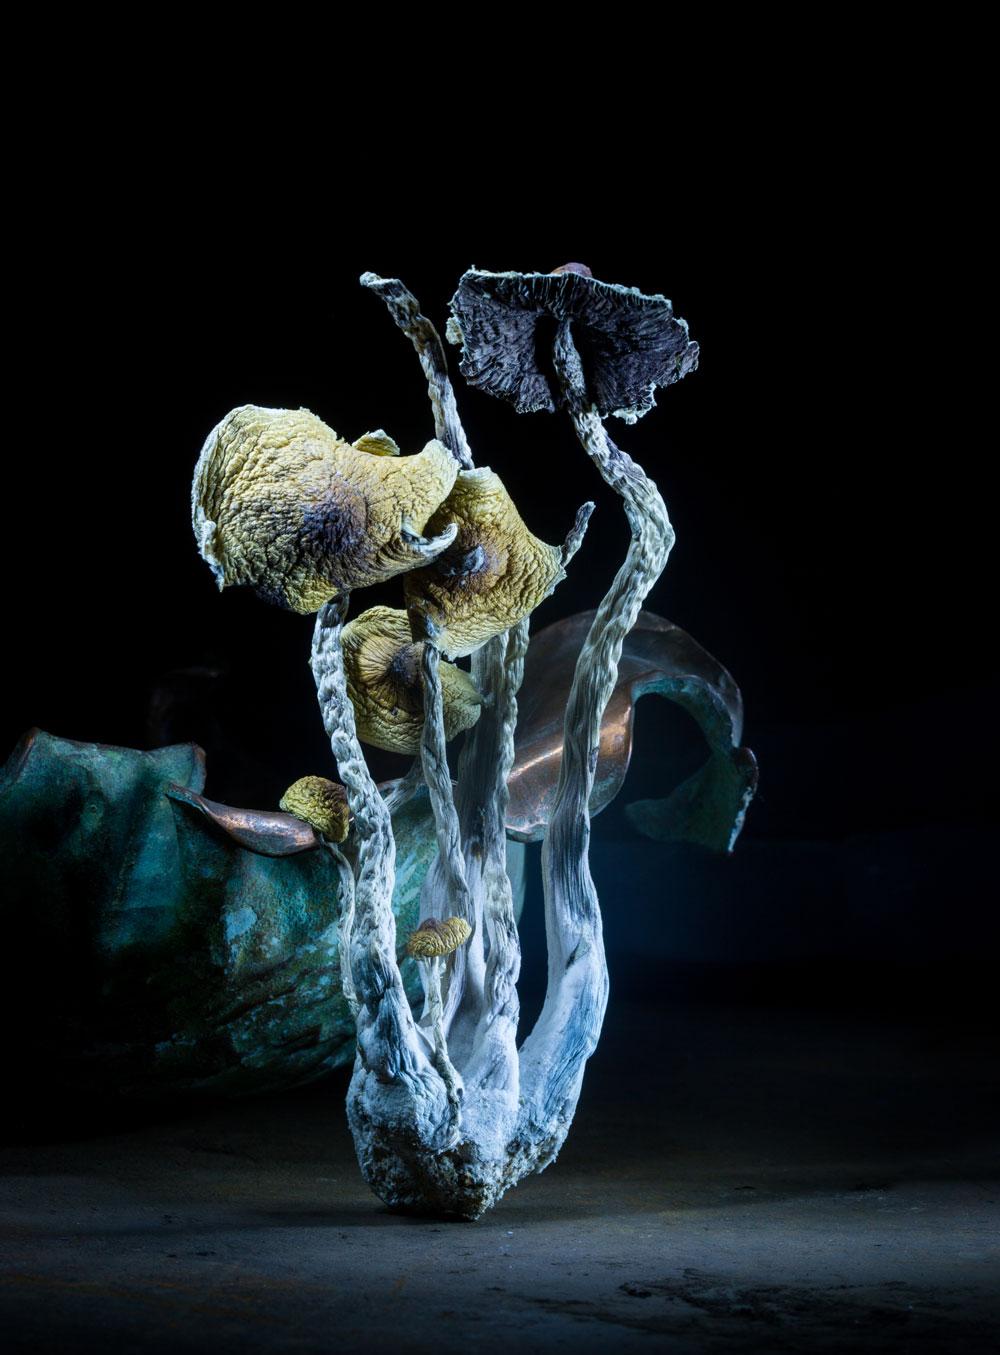 mushrooms-1364